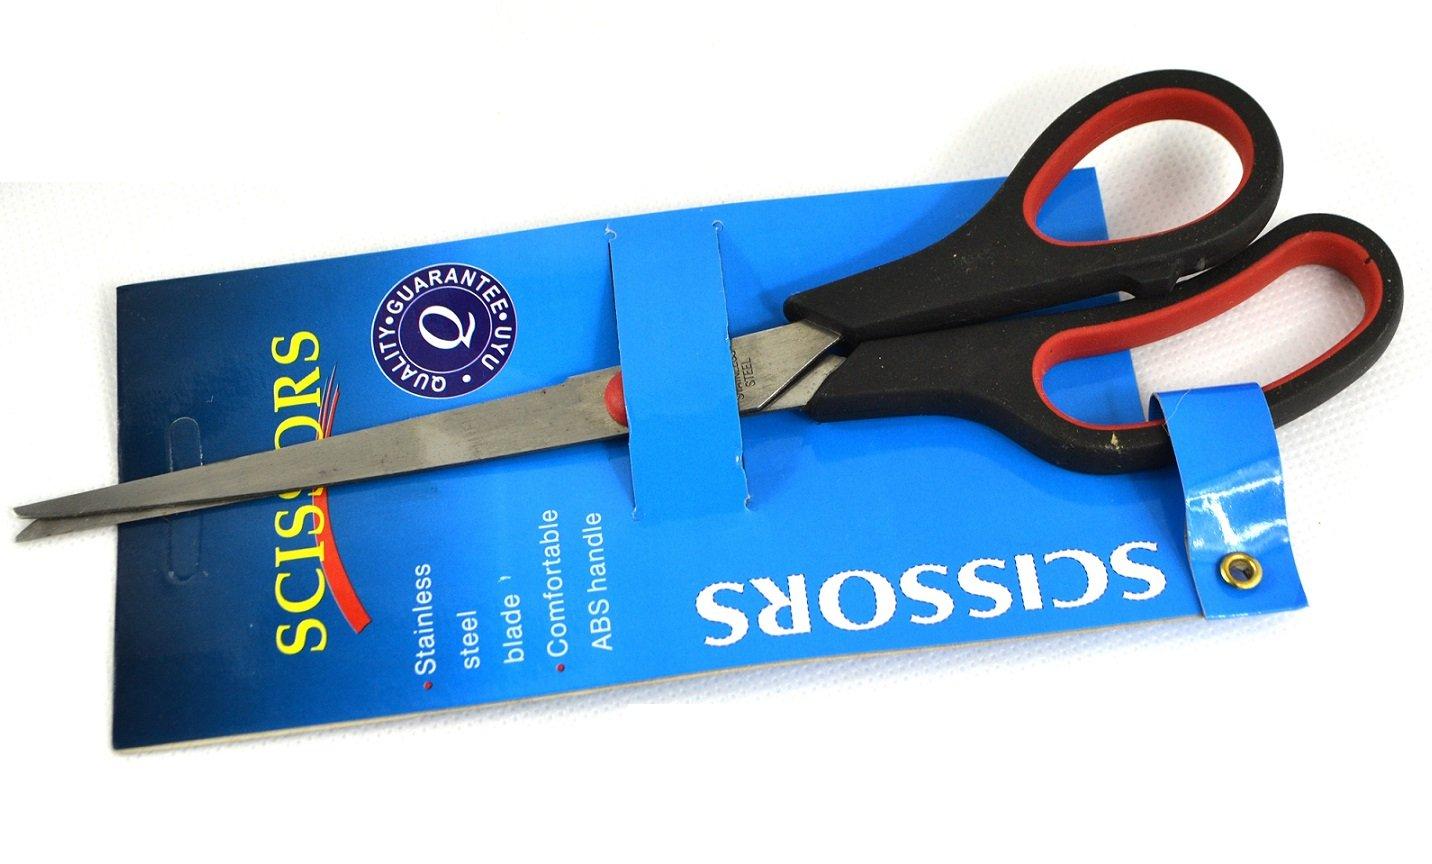 Školské kancelárske nožnice pre papier veľké nožnice